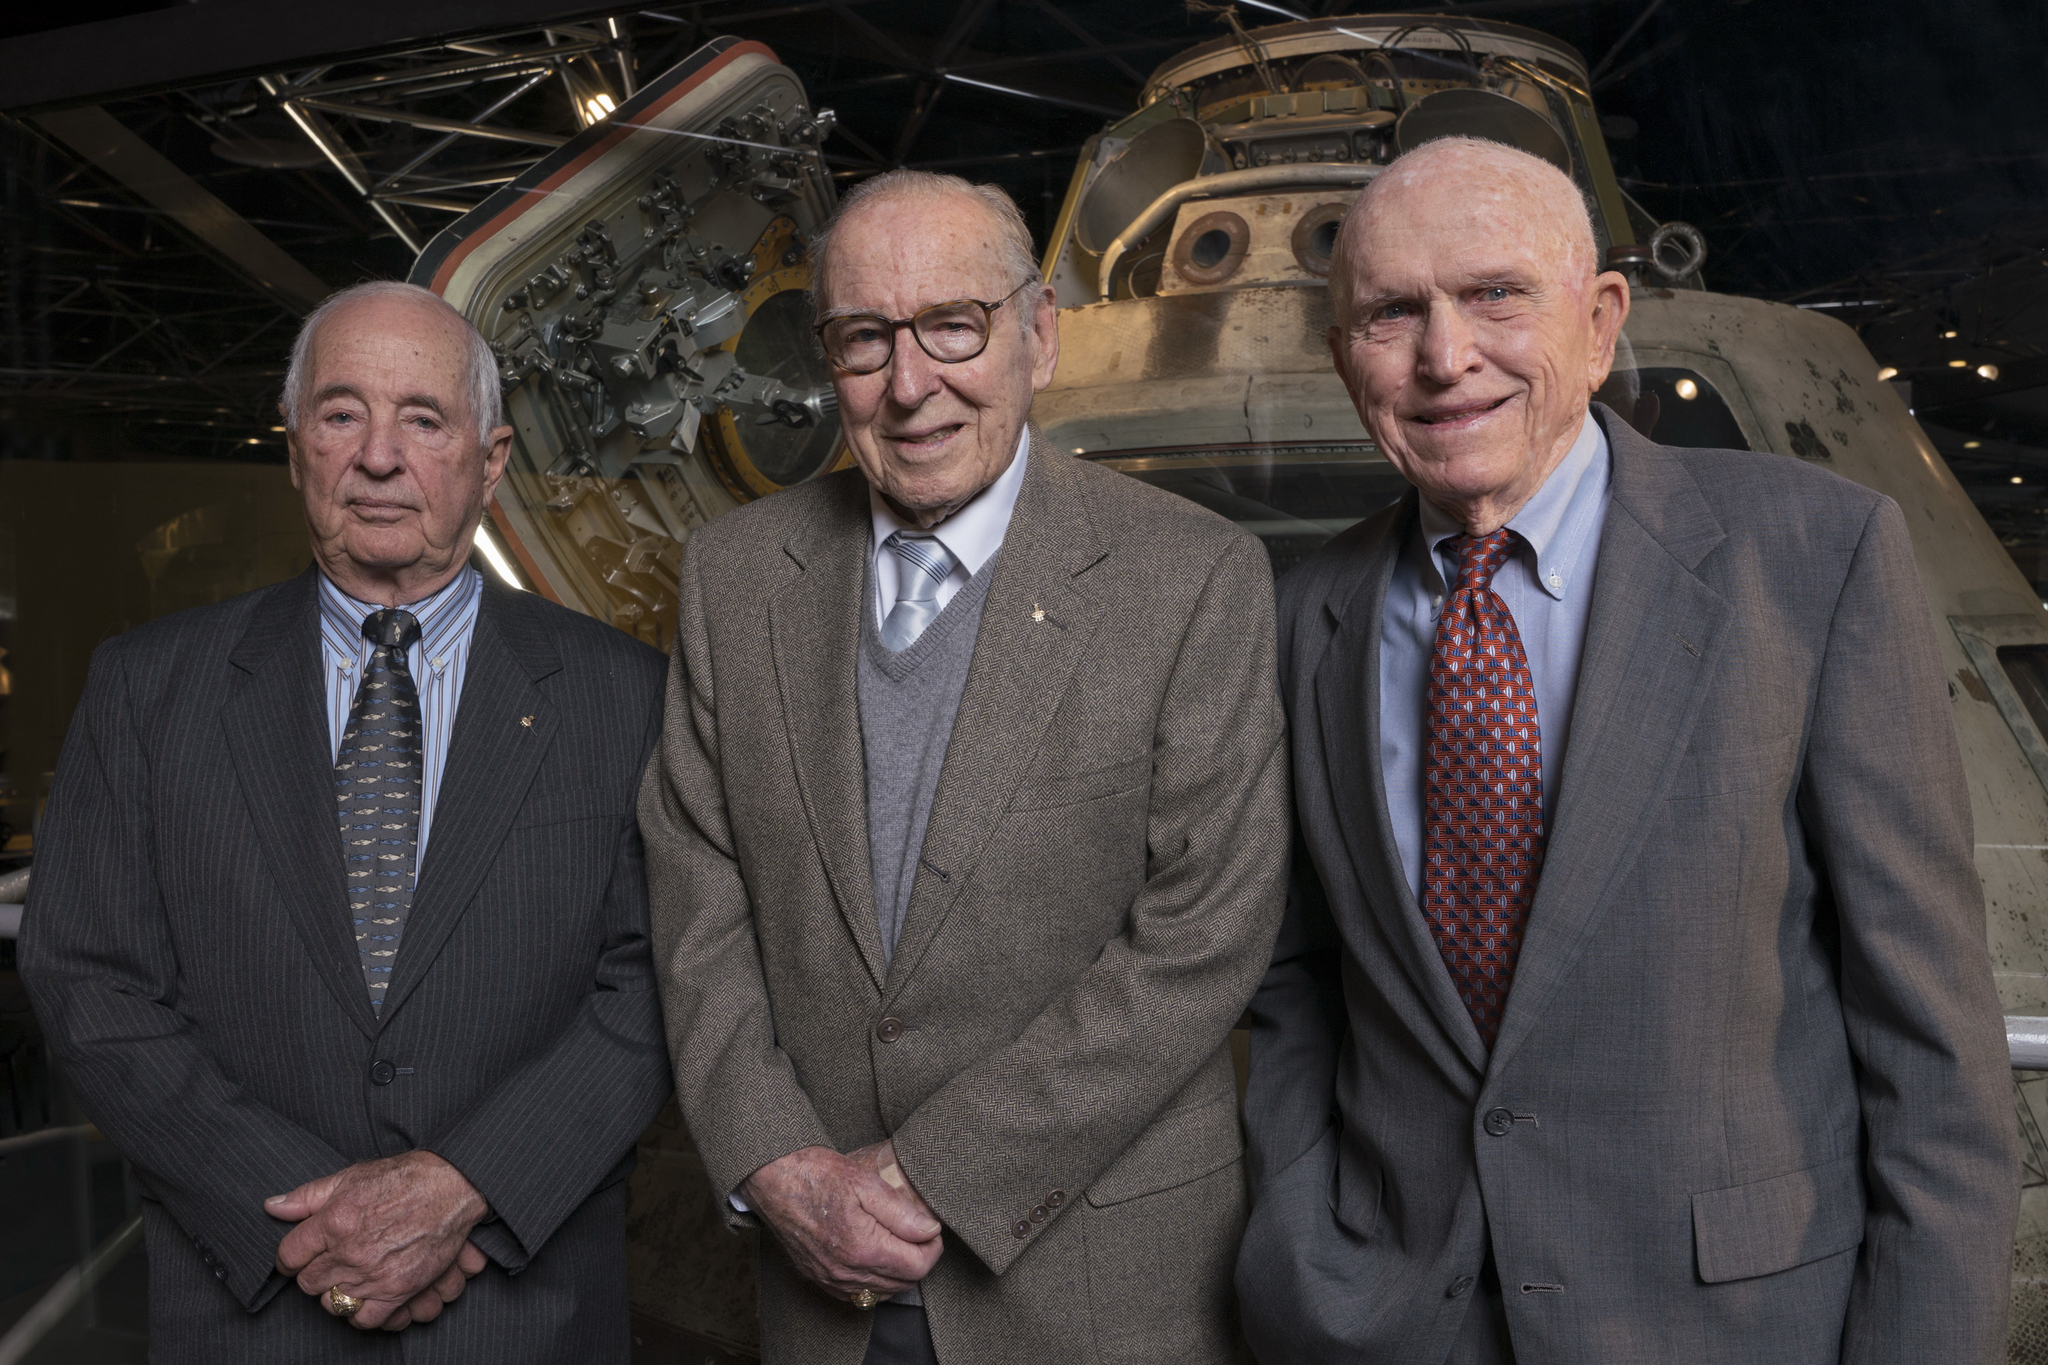 2018년 4월 5일에 촬영한 아폴로 8호의 우주비행사 3인. 왼쪽부터 윌리엄 앤더스, 제임스 로벨, 그리고 프랭크 보르만. (J.B. Spector/Museum of Science and Industry, Chicago via AP)